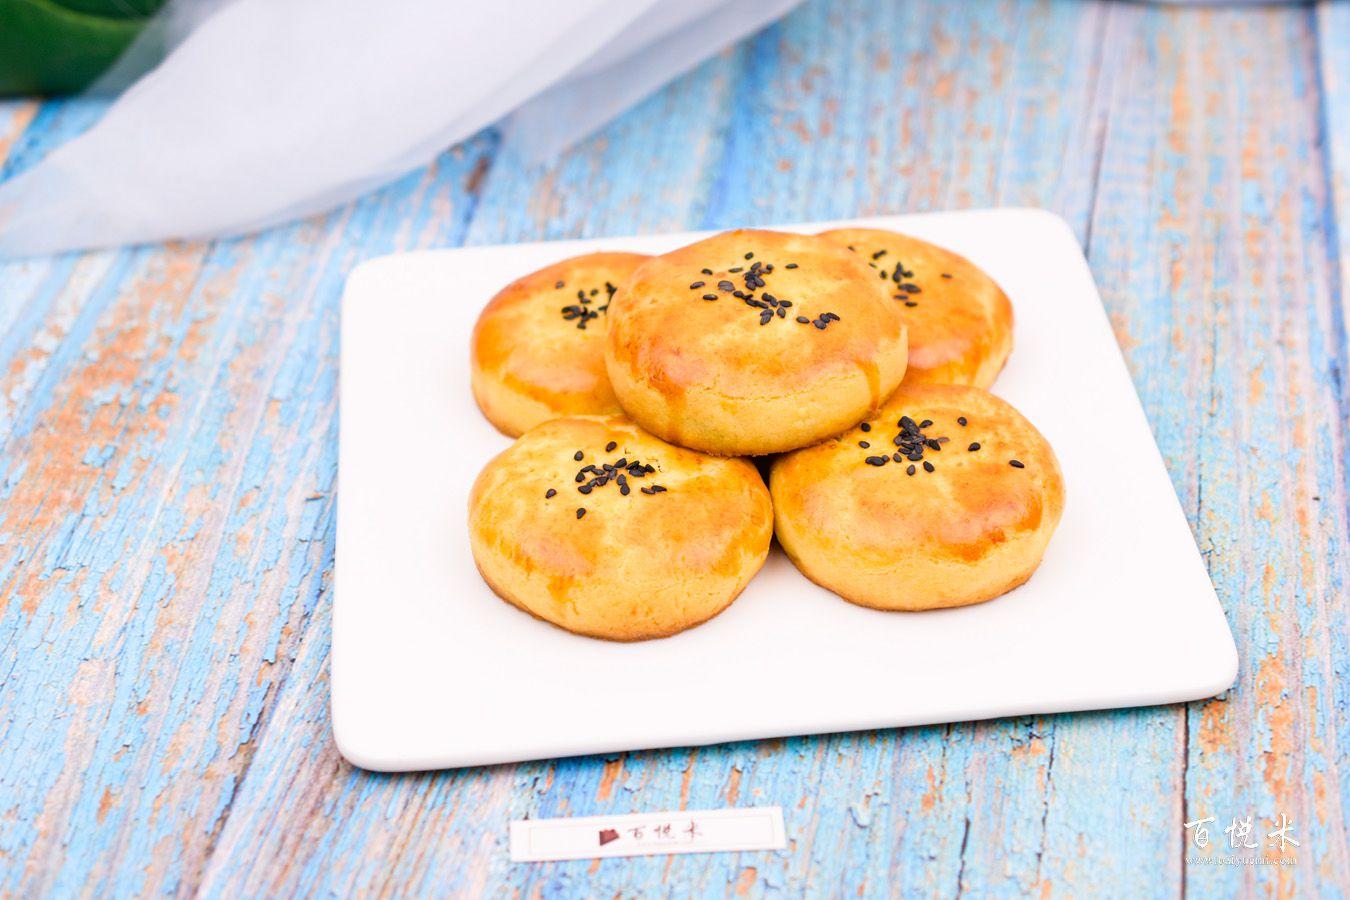 红豆酥的做法大全,红豆酥西点培训图文教程分享